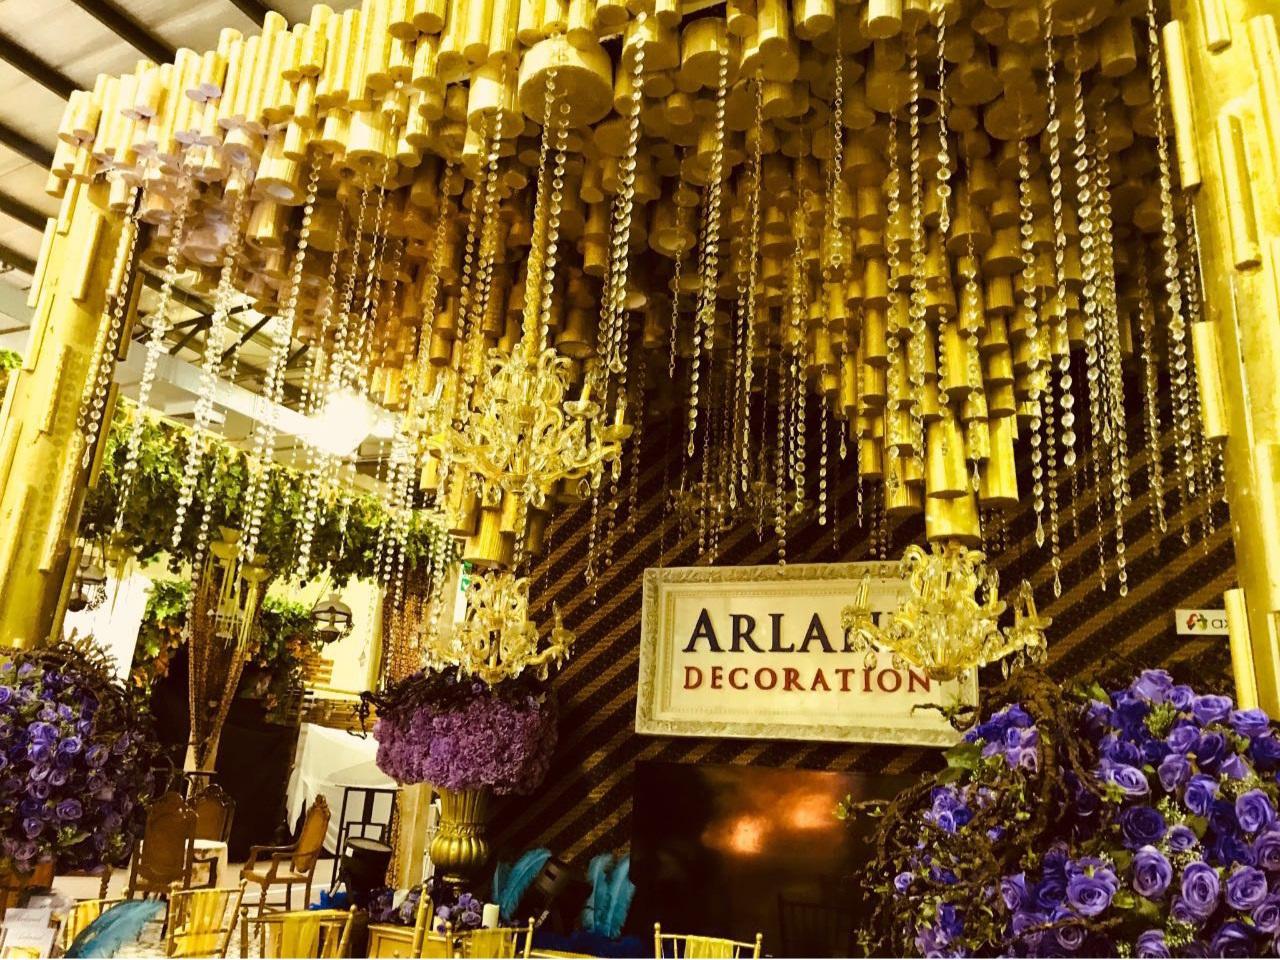 Arland Decoration